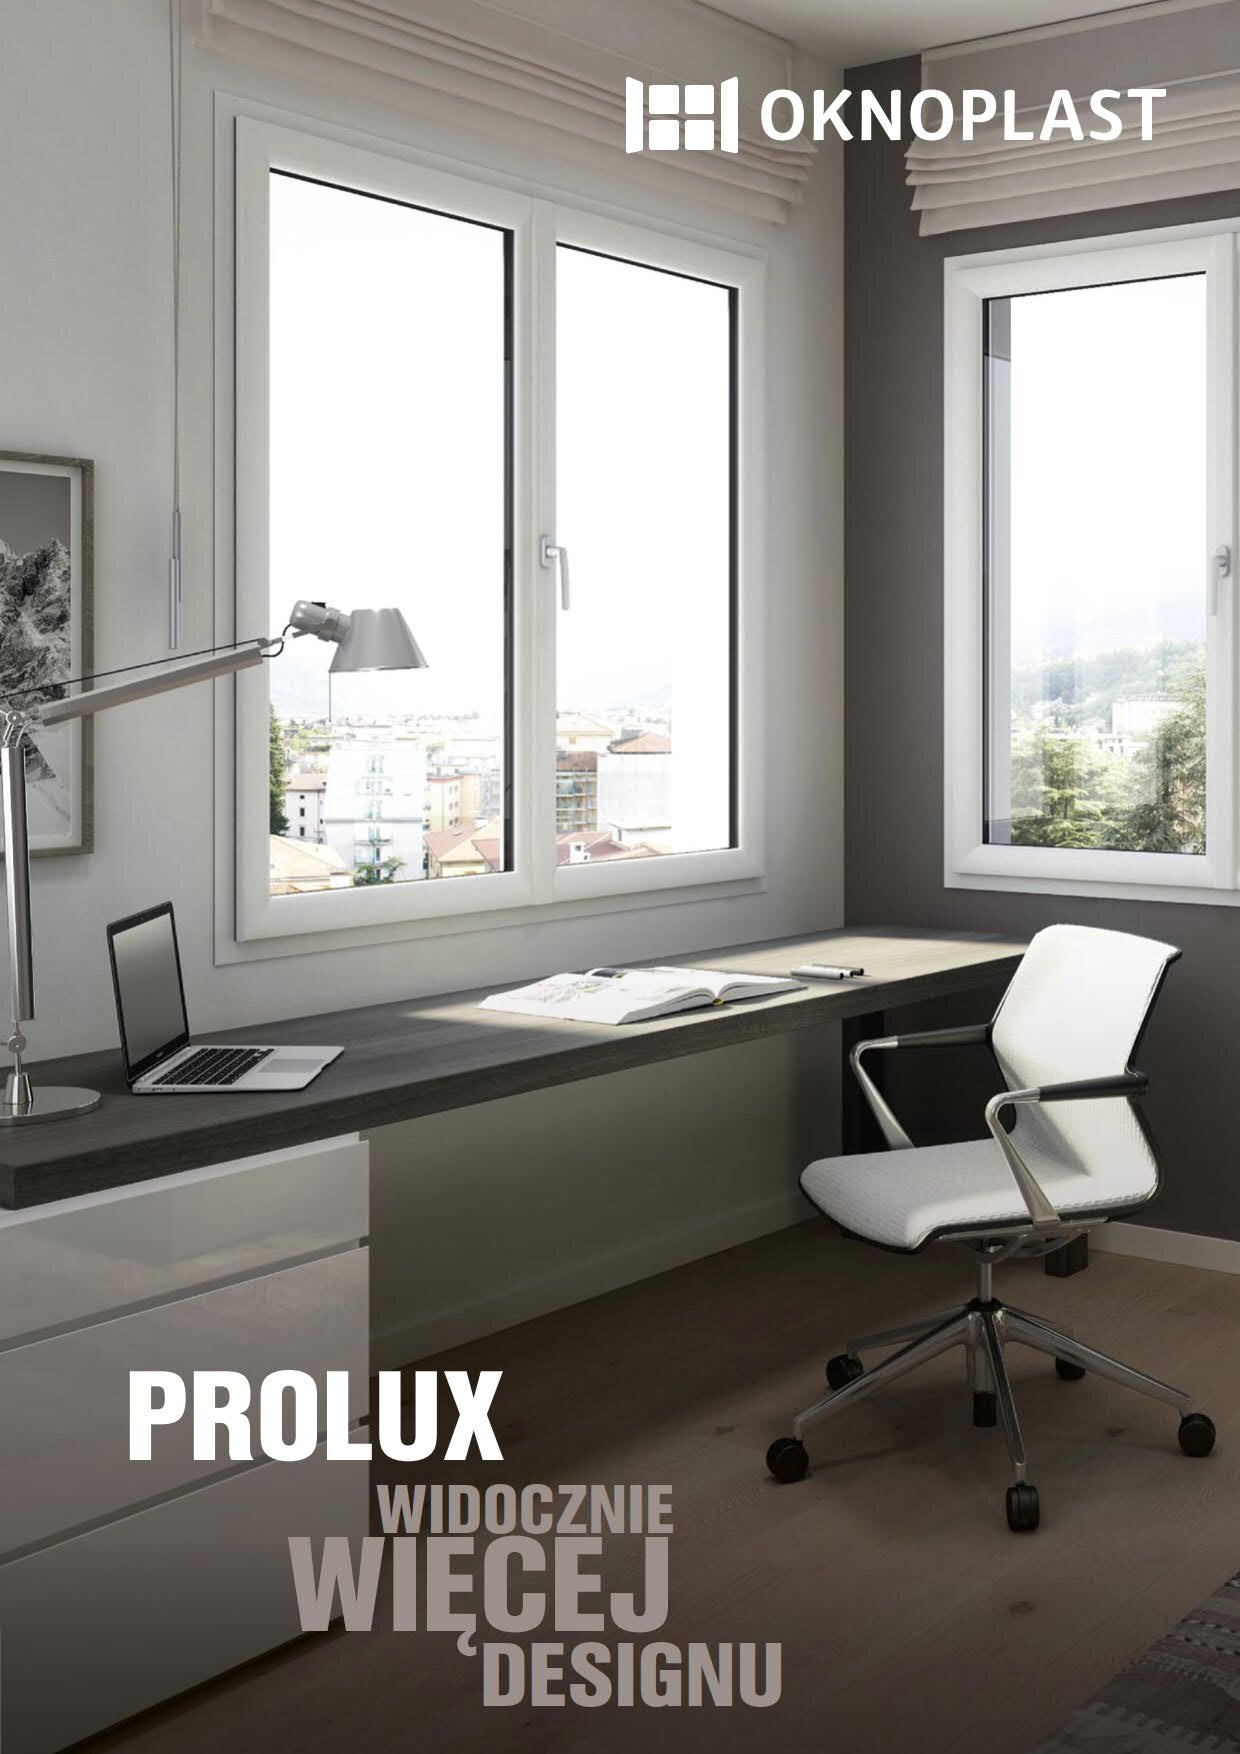 Prolux Image